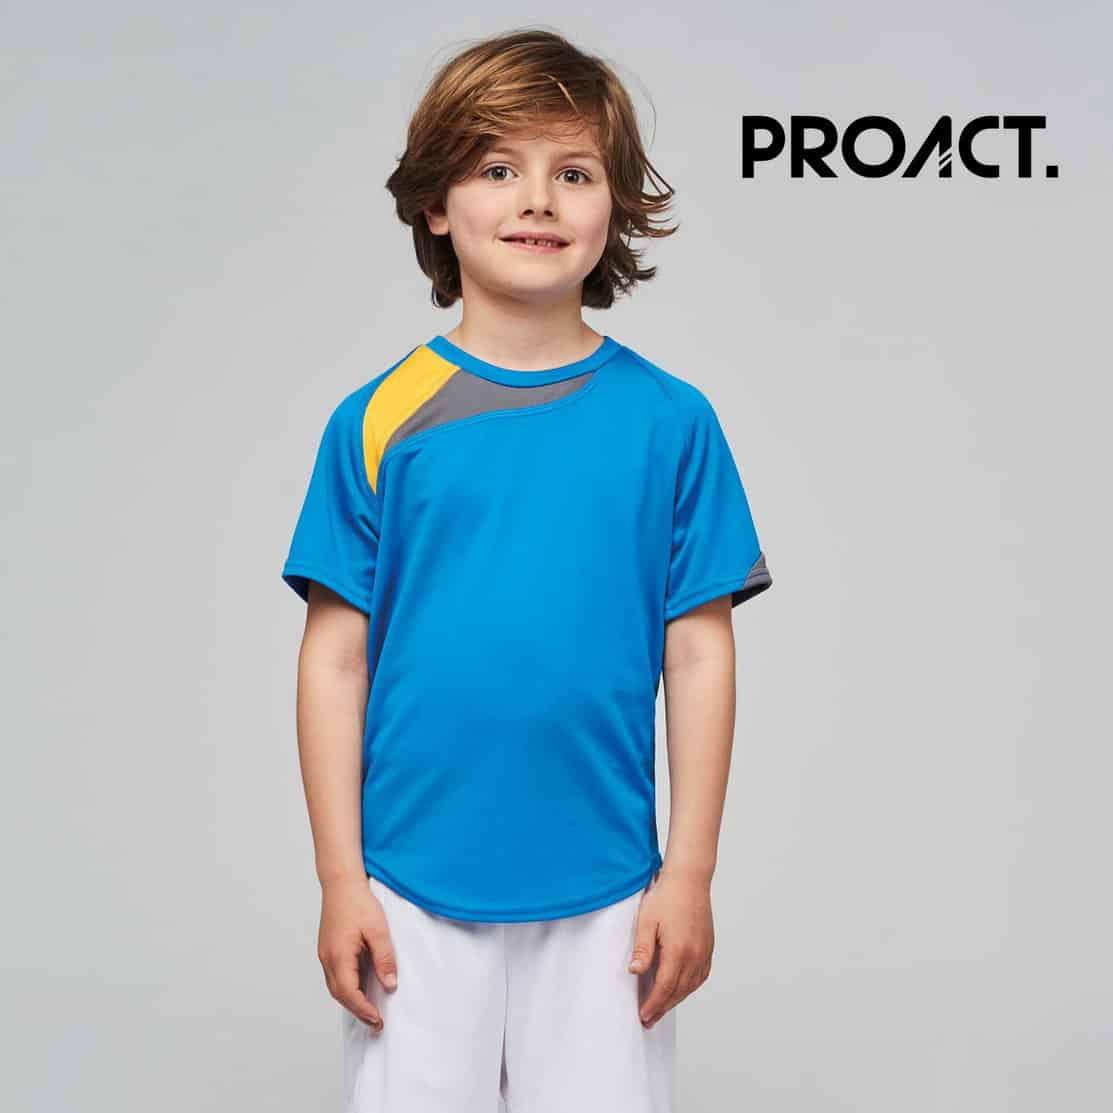 Bambino con maglietta da calcio azzurra 100% poliestere